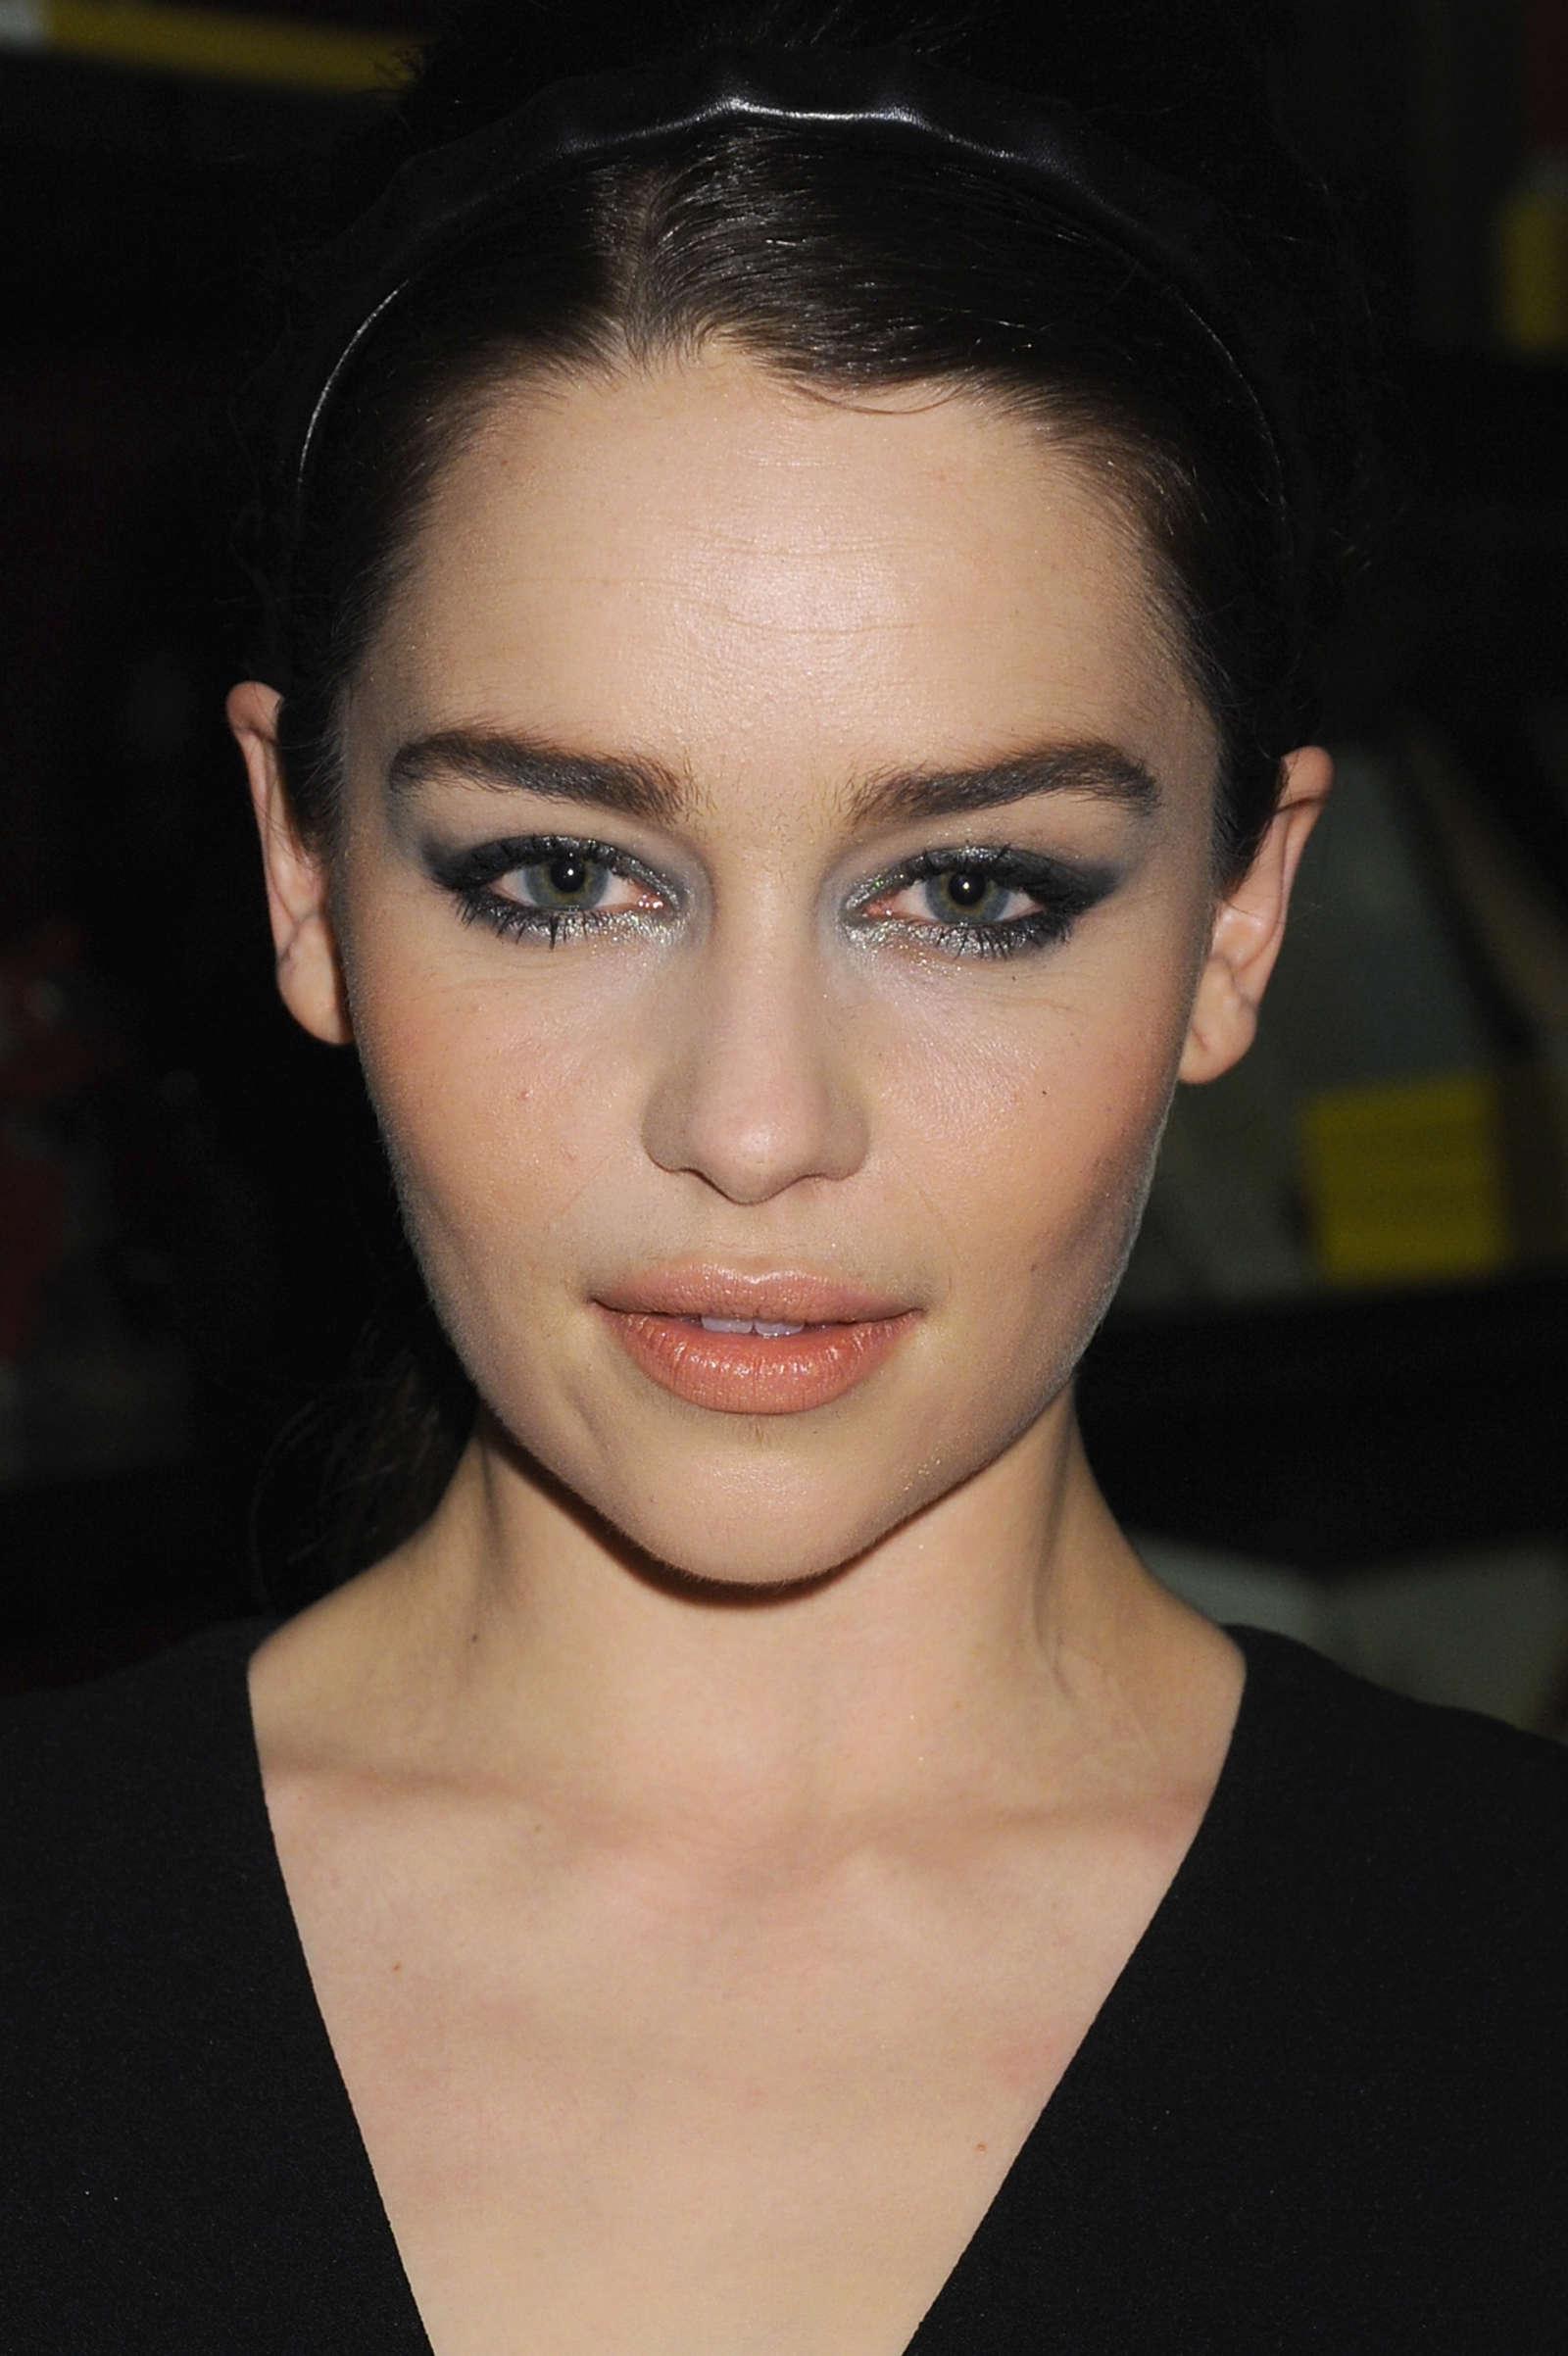 Emilia Clarke 2013 : Emilia Clarke – Moda Operandi event -01